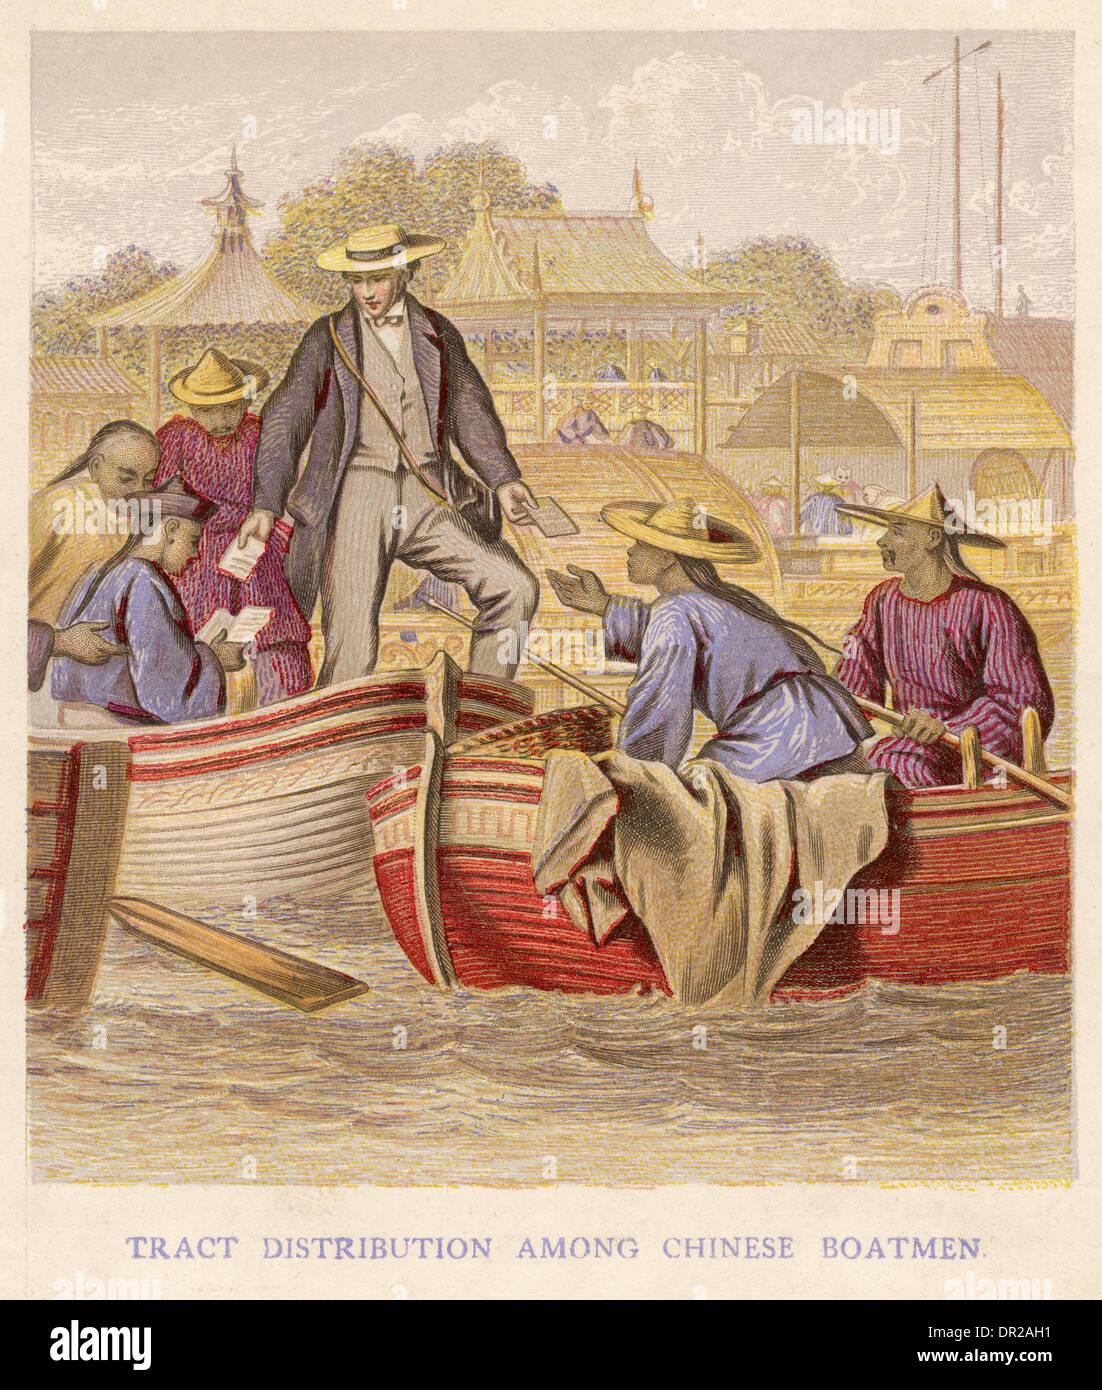 TRACT DISTRIBUTION CHINA - Stock Image